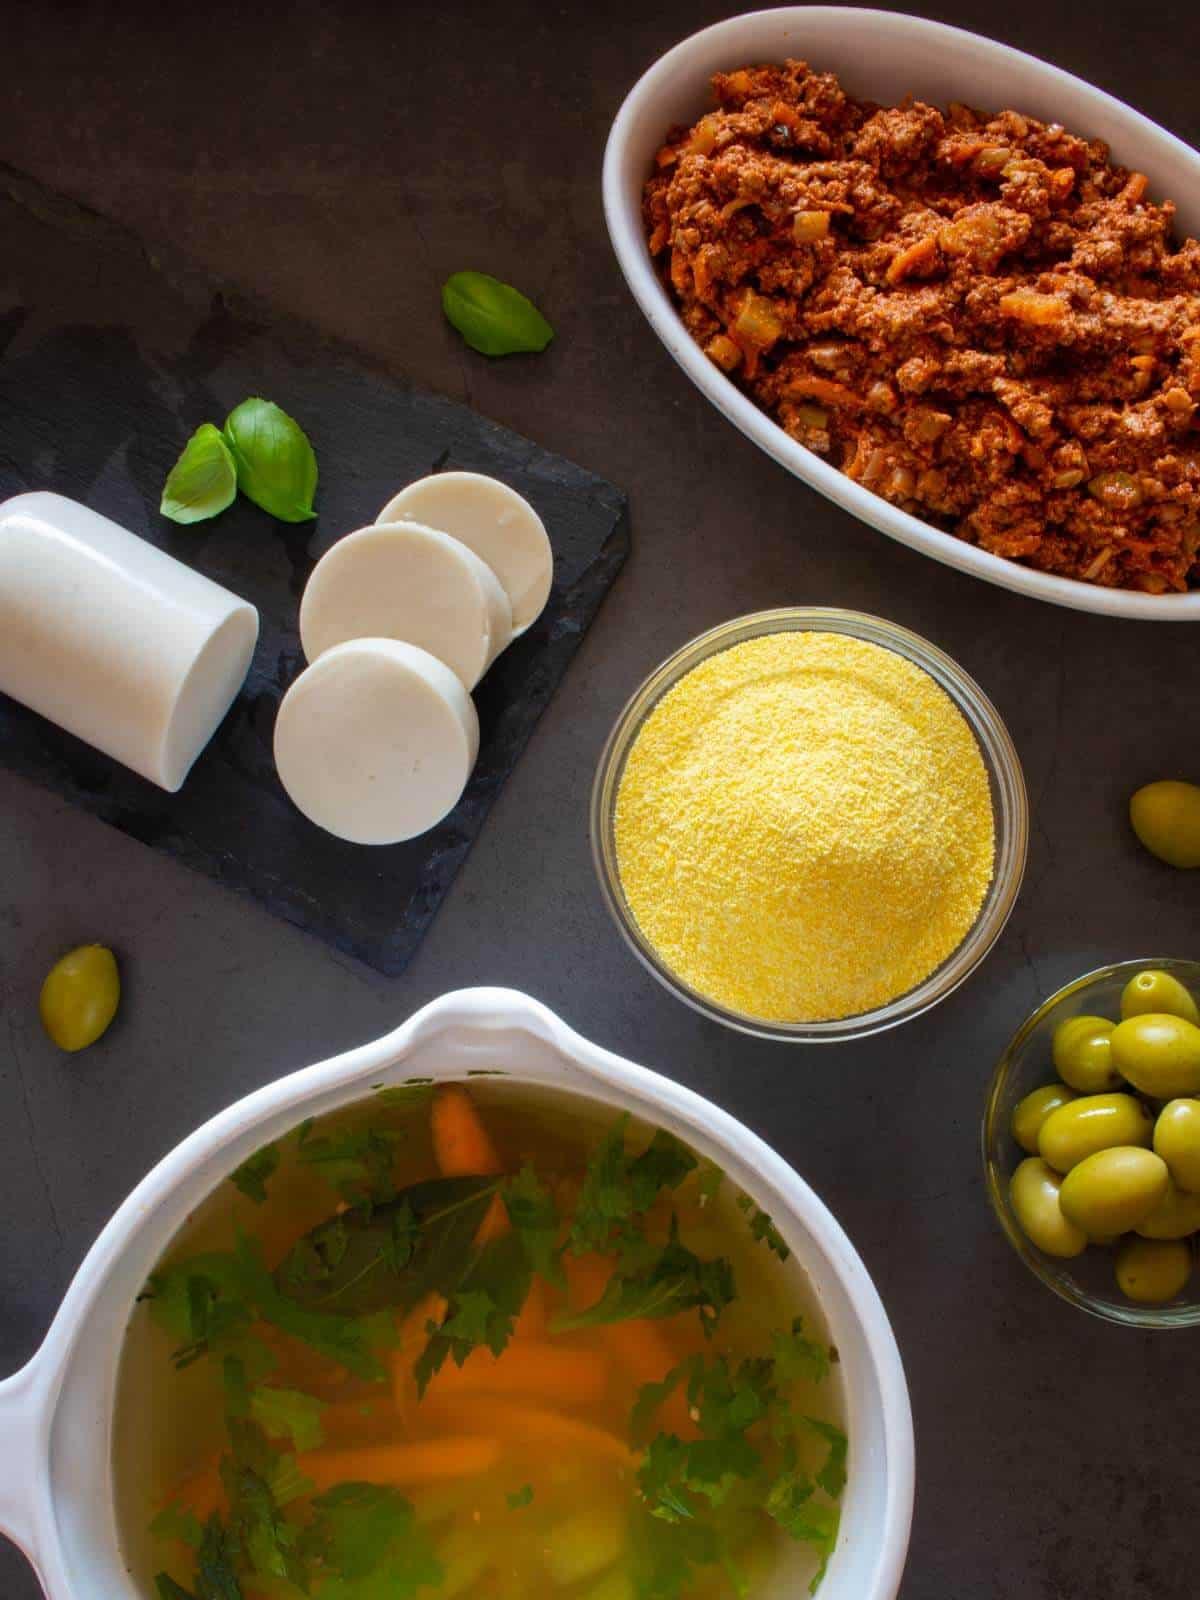 Vegan Baked Polenta Recipe with Tofu Ragout Ingredients